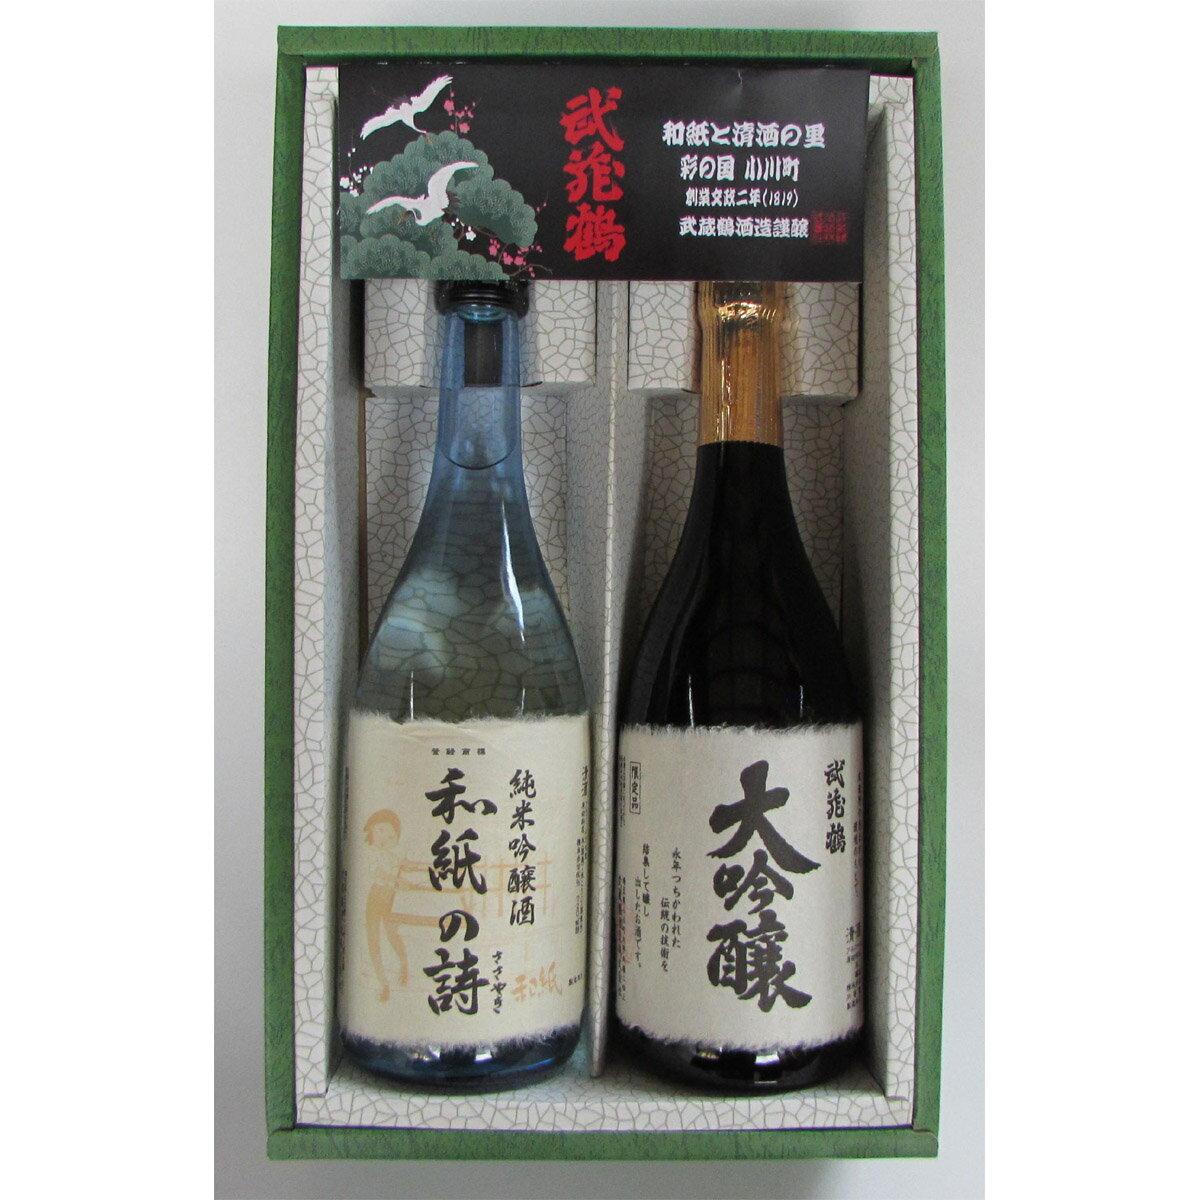 【ふるさと納税】和紙と清酒の里 小川町武蔵鶴酒造『大吟醸・純米吟醸』詰合せ